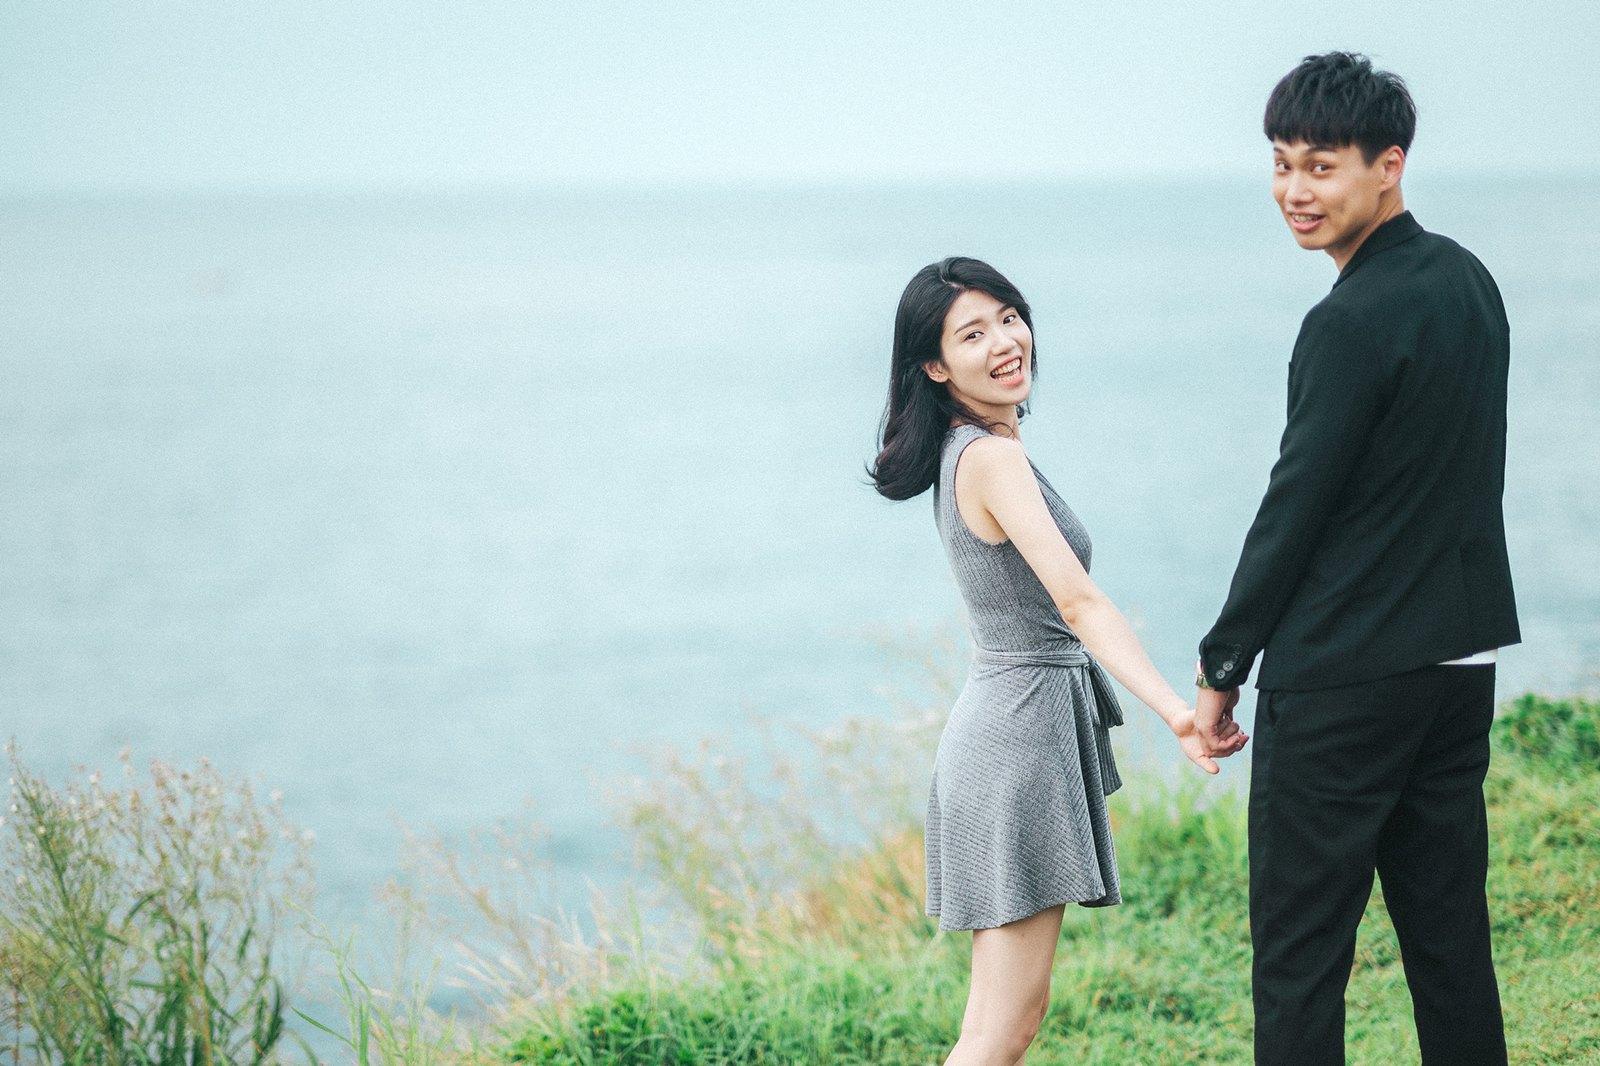 【婚紗】Jill & Hong / 東北角海岸 / F&P studio